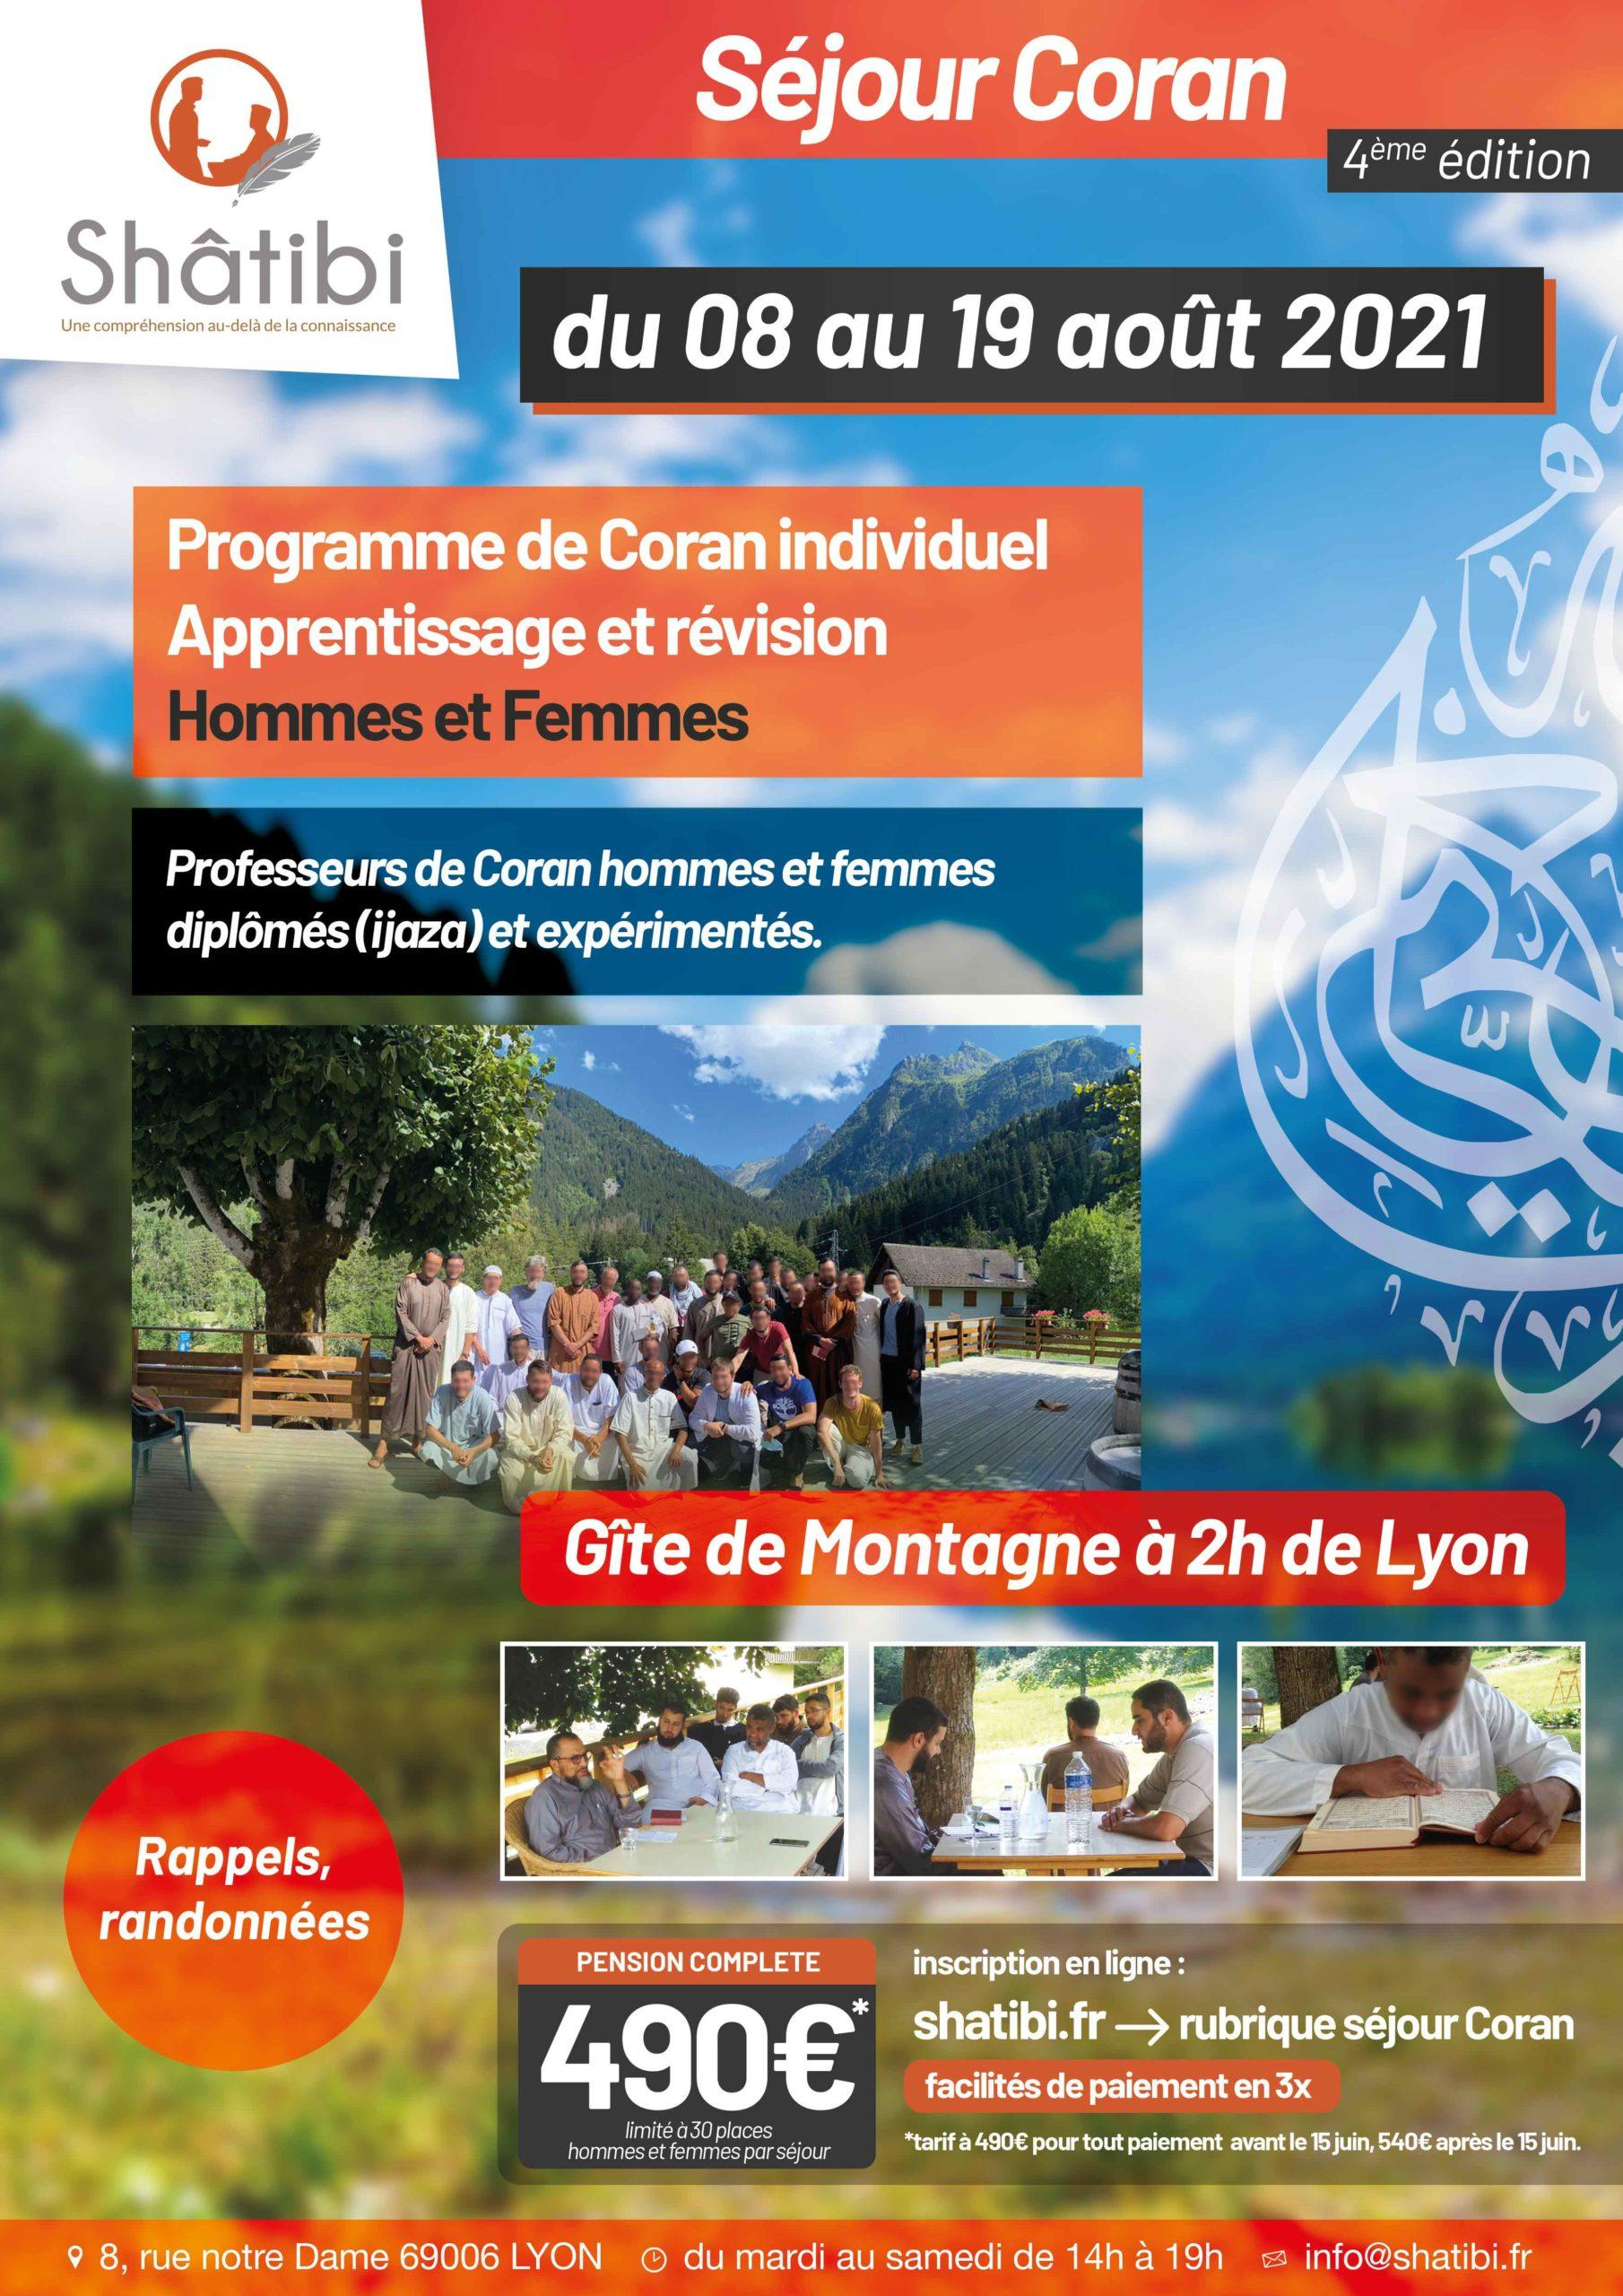 Présentation du séjour Coran